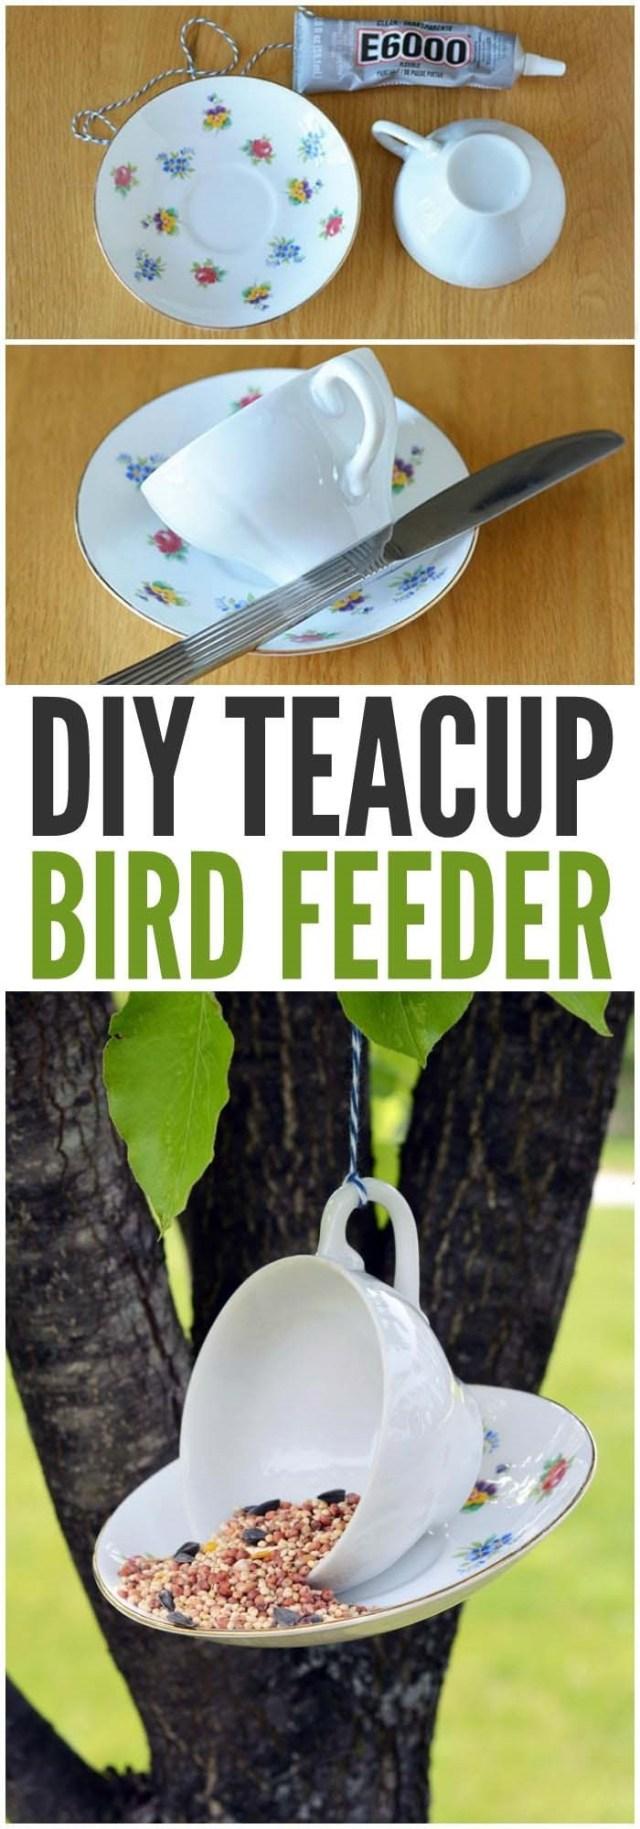 Simple-DIY-Teacup-Bird-Feeder-Craft-